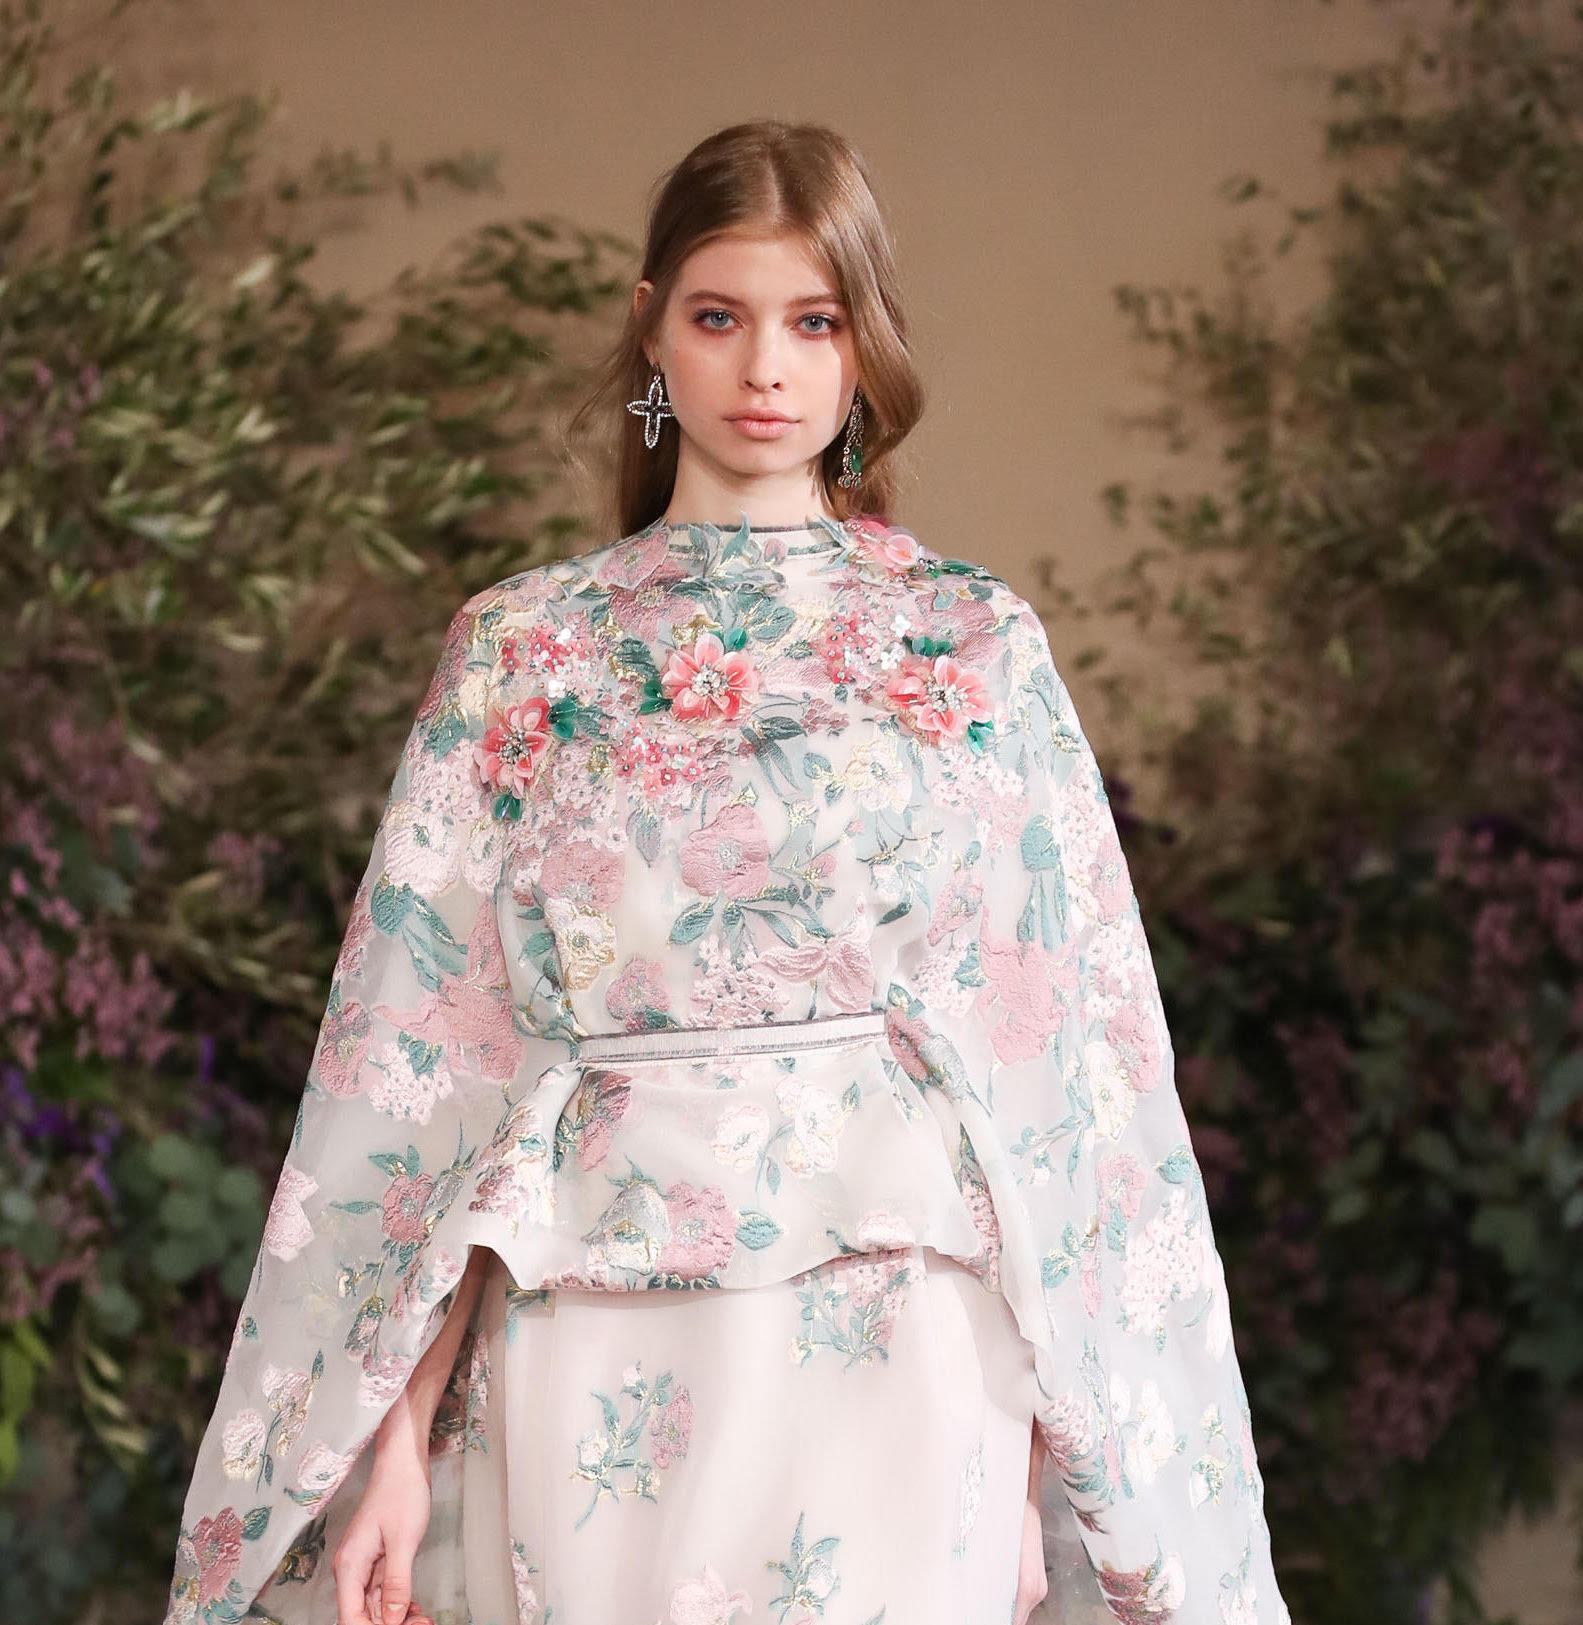 Il beauty look delicato di Luisa Beccaria